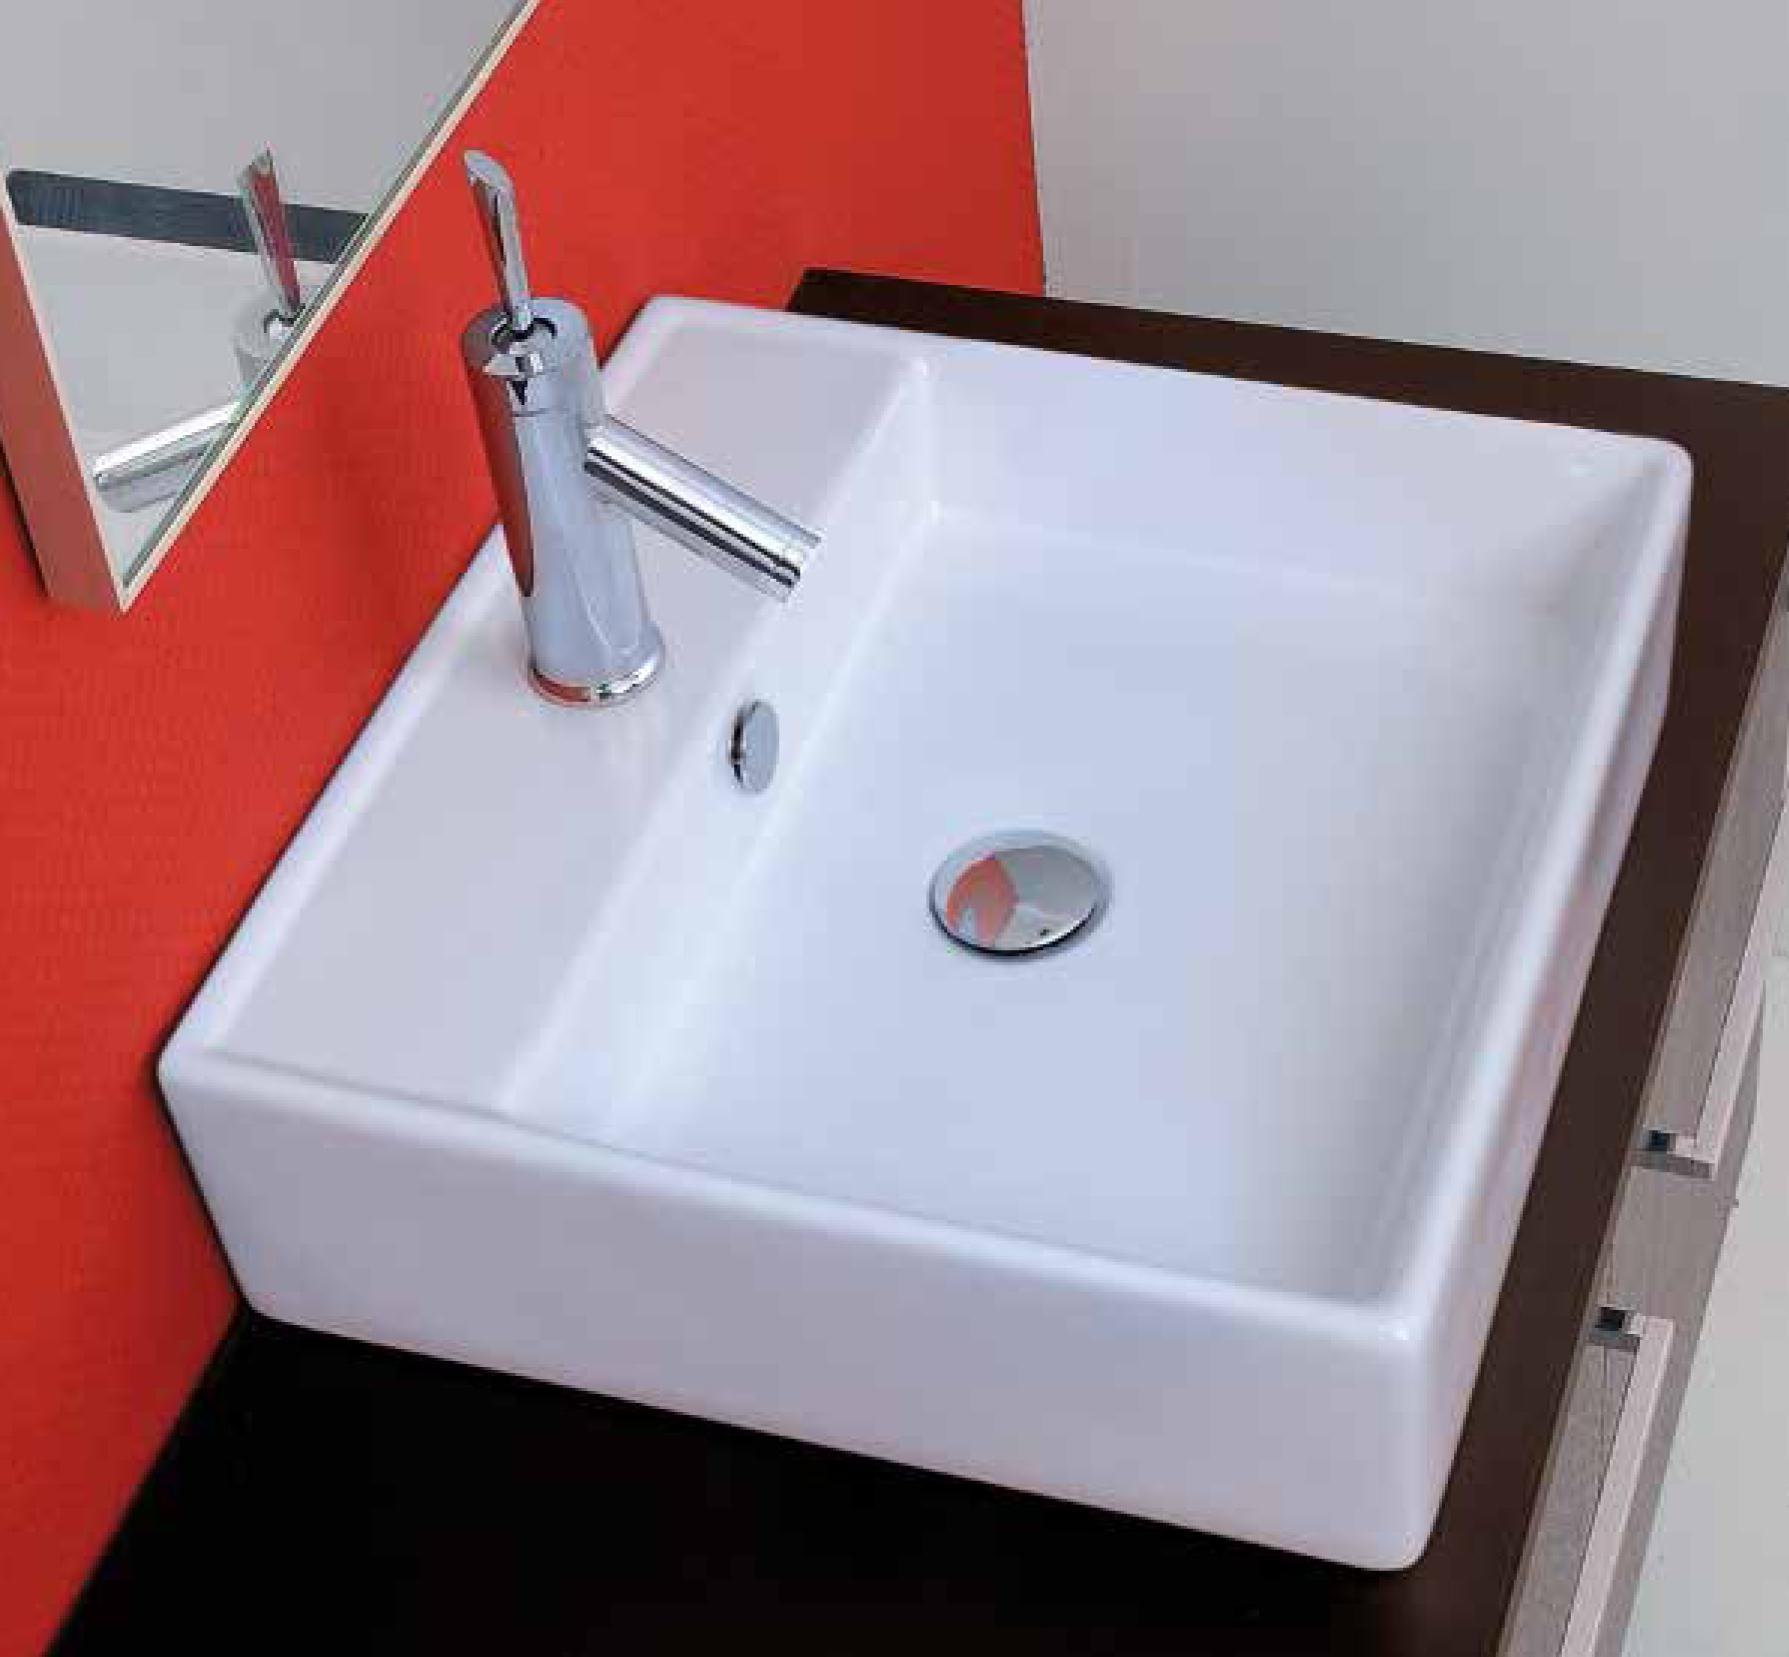 Aquatek DUBAI keramické umyvadlo 47x46,5x13 cm